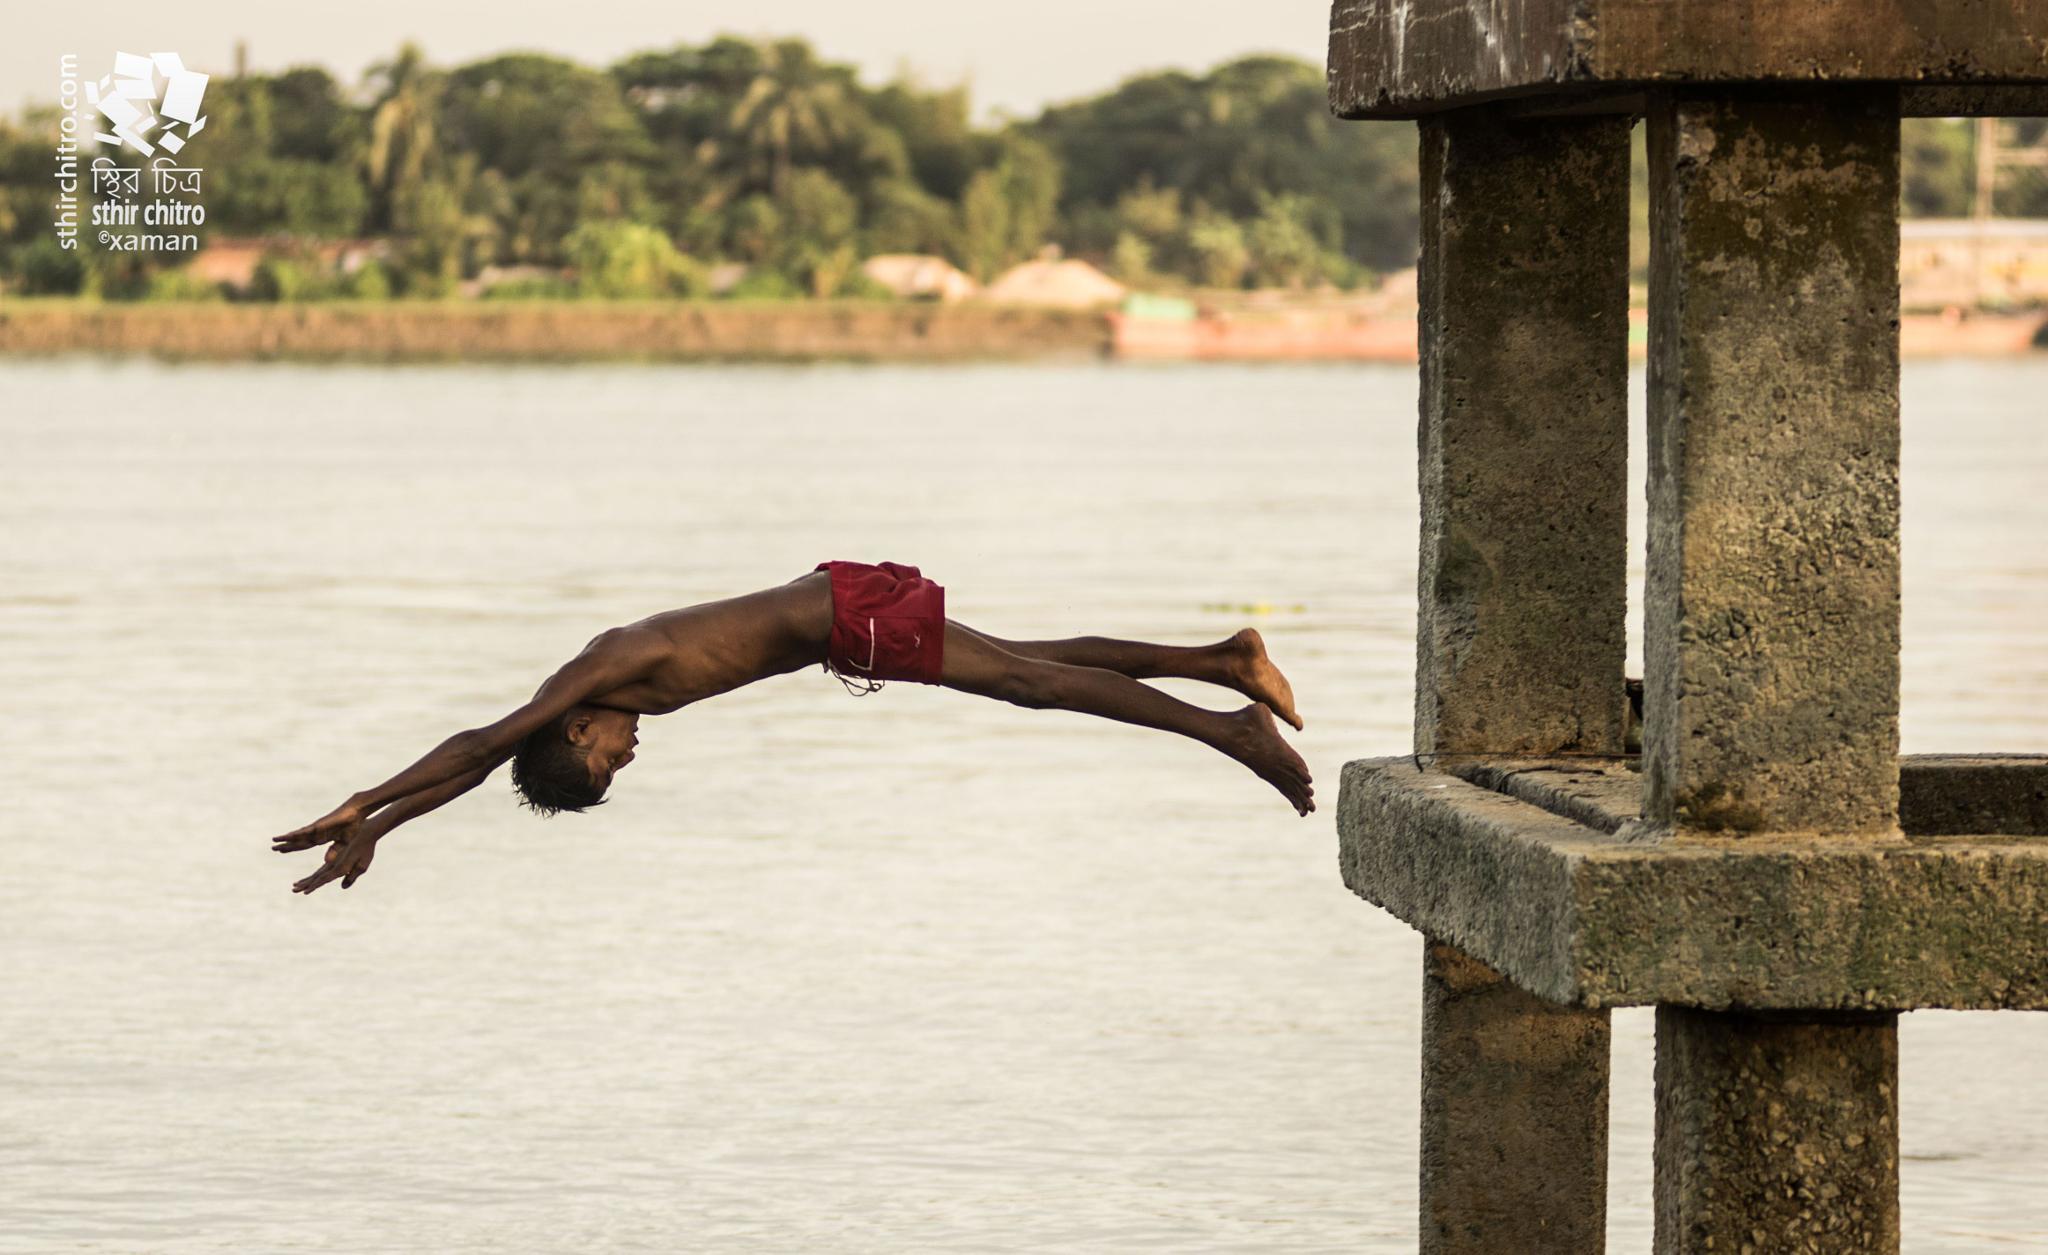 ... jumping..jumping 1... by shams xaman